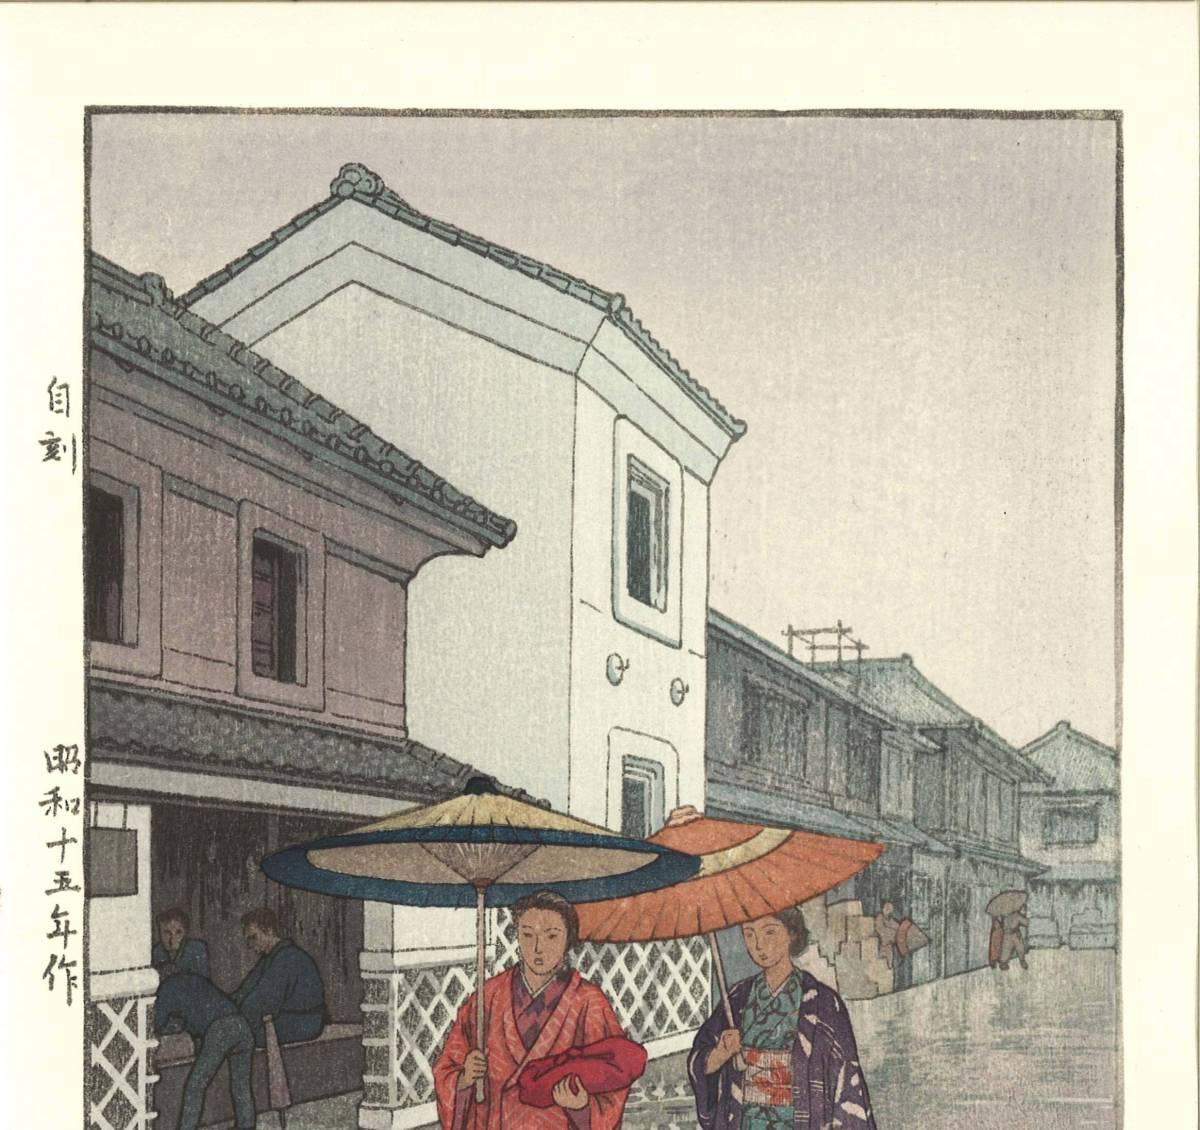 吉田遠志 木版画 014002 雨傘 (Umbrella) 初摺1940年  最高峰の摺師の技をご堪能下さい!!_画像2